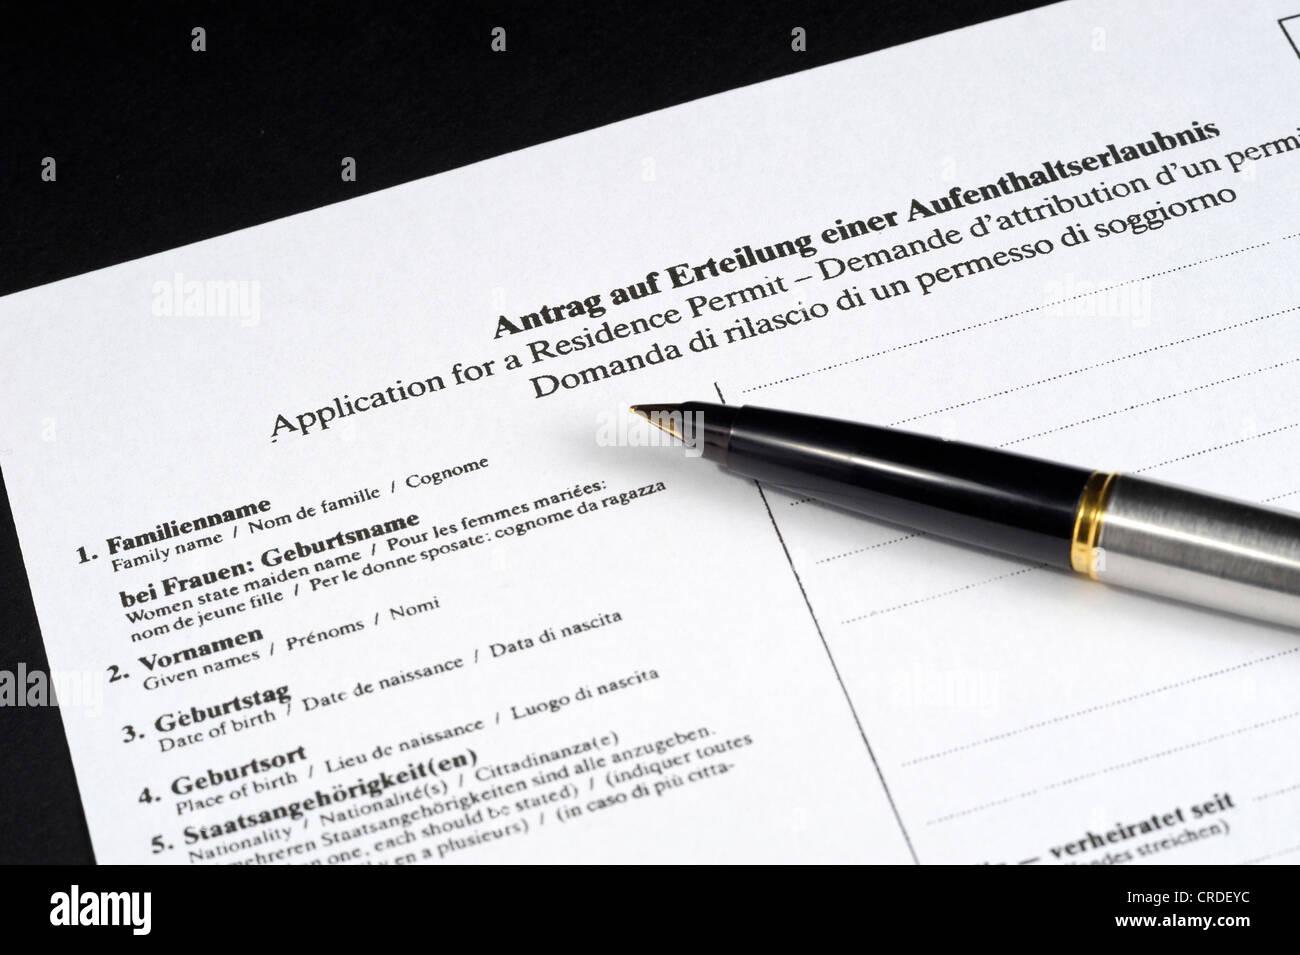 Antrag auf Erteilung einer Aufenthaltserlaubnis in Deutsch, Englisch ...